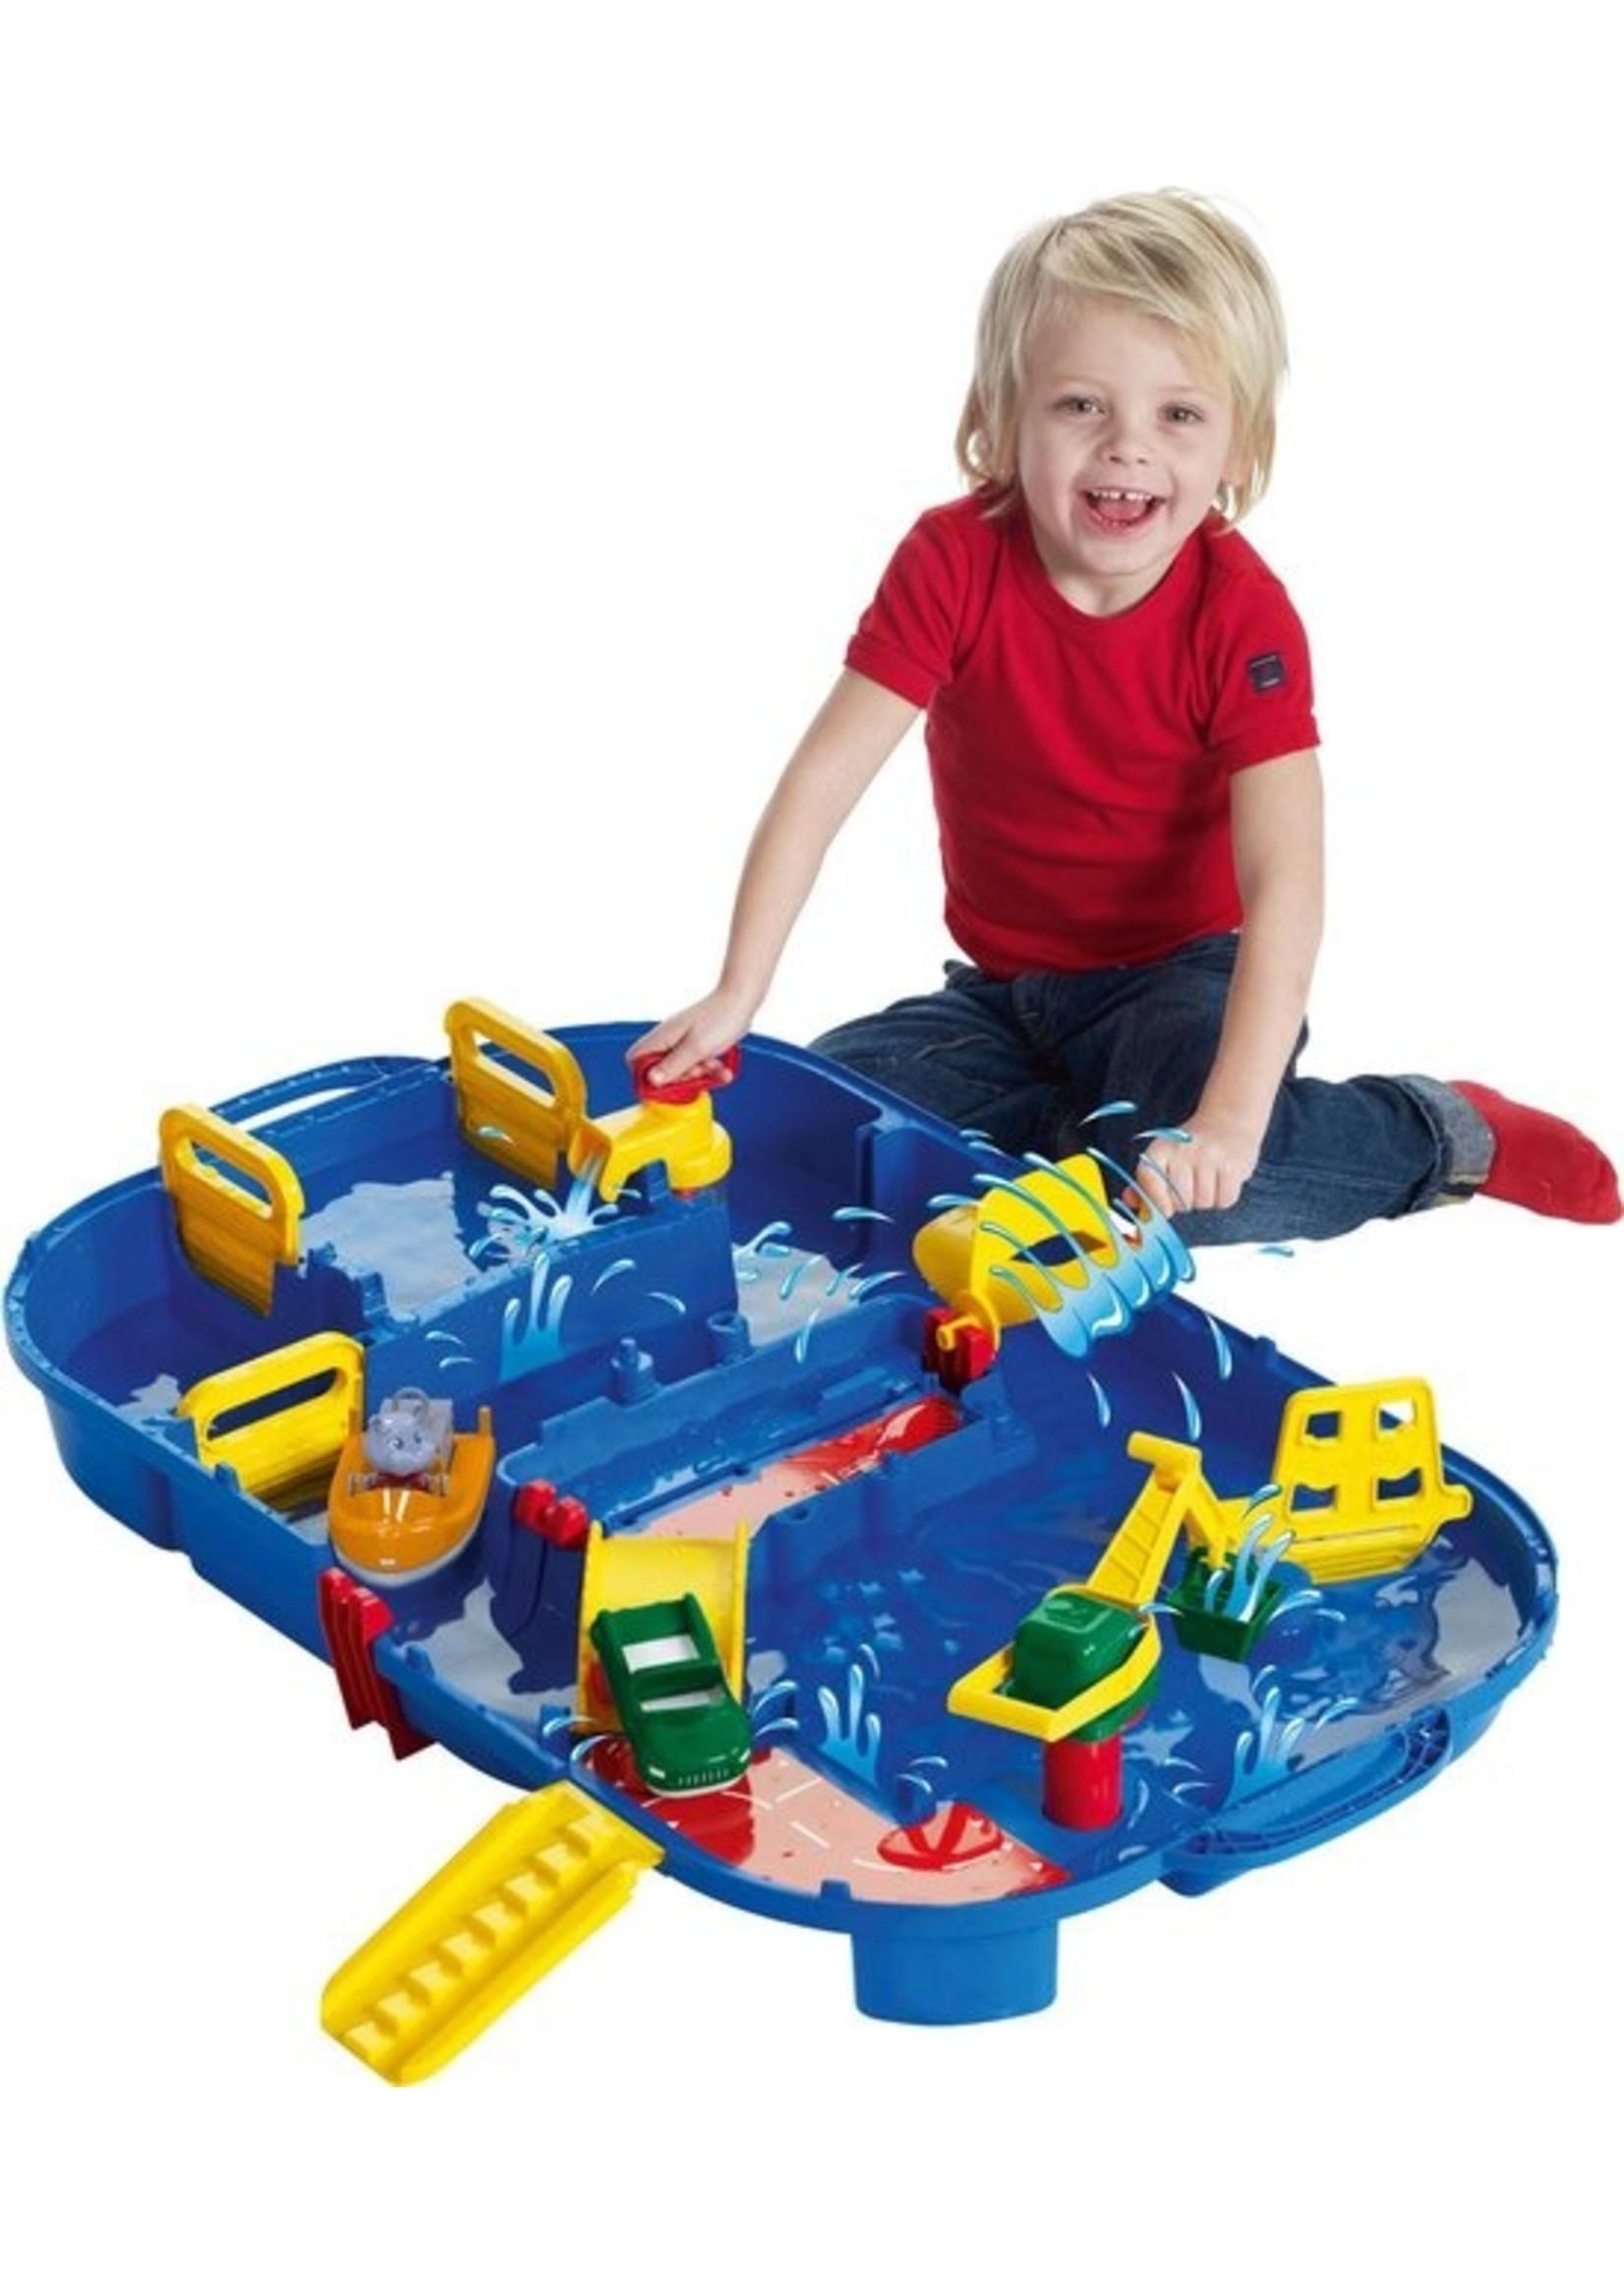 Aquaplay Aquaplay Draagbare Sluizenbox koopjeshoek